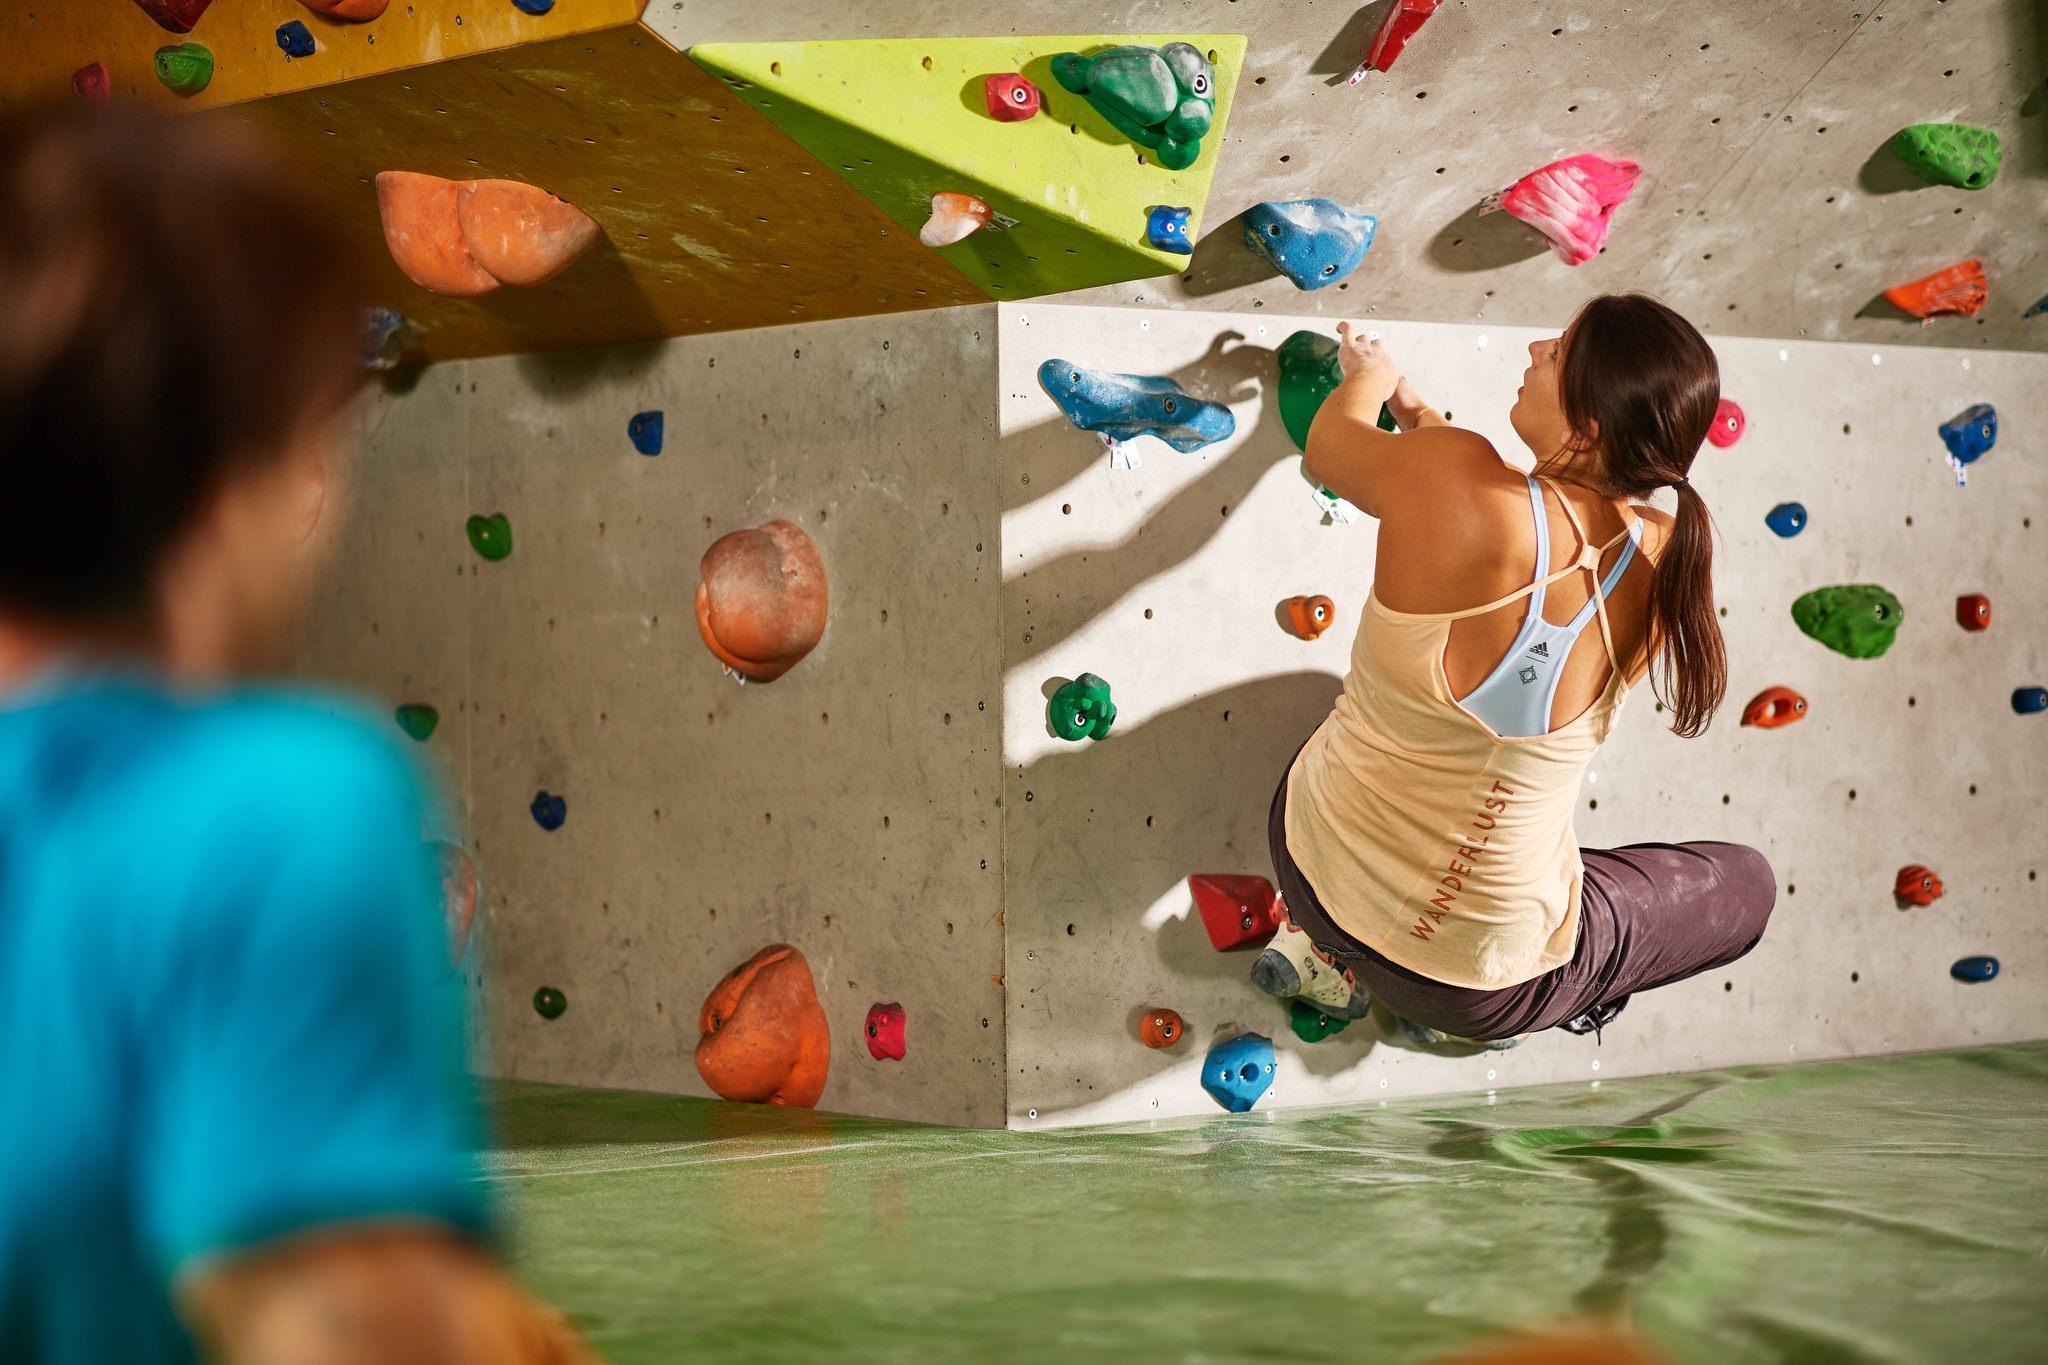 Klettern in der Boulderia